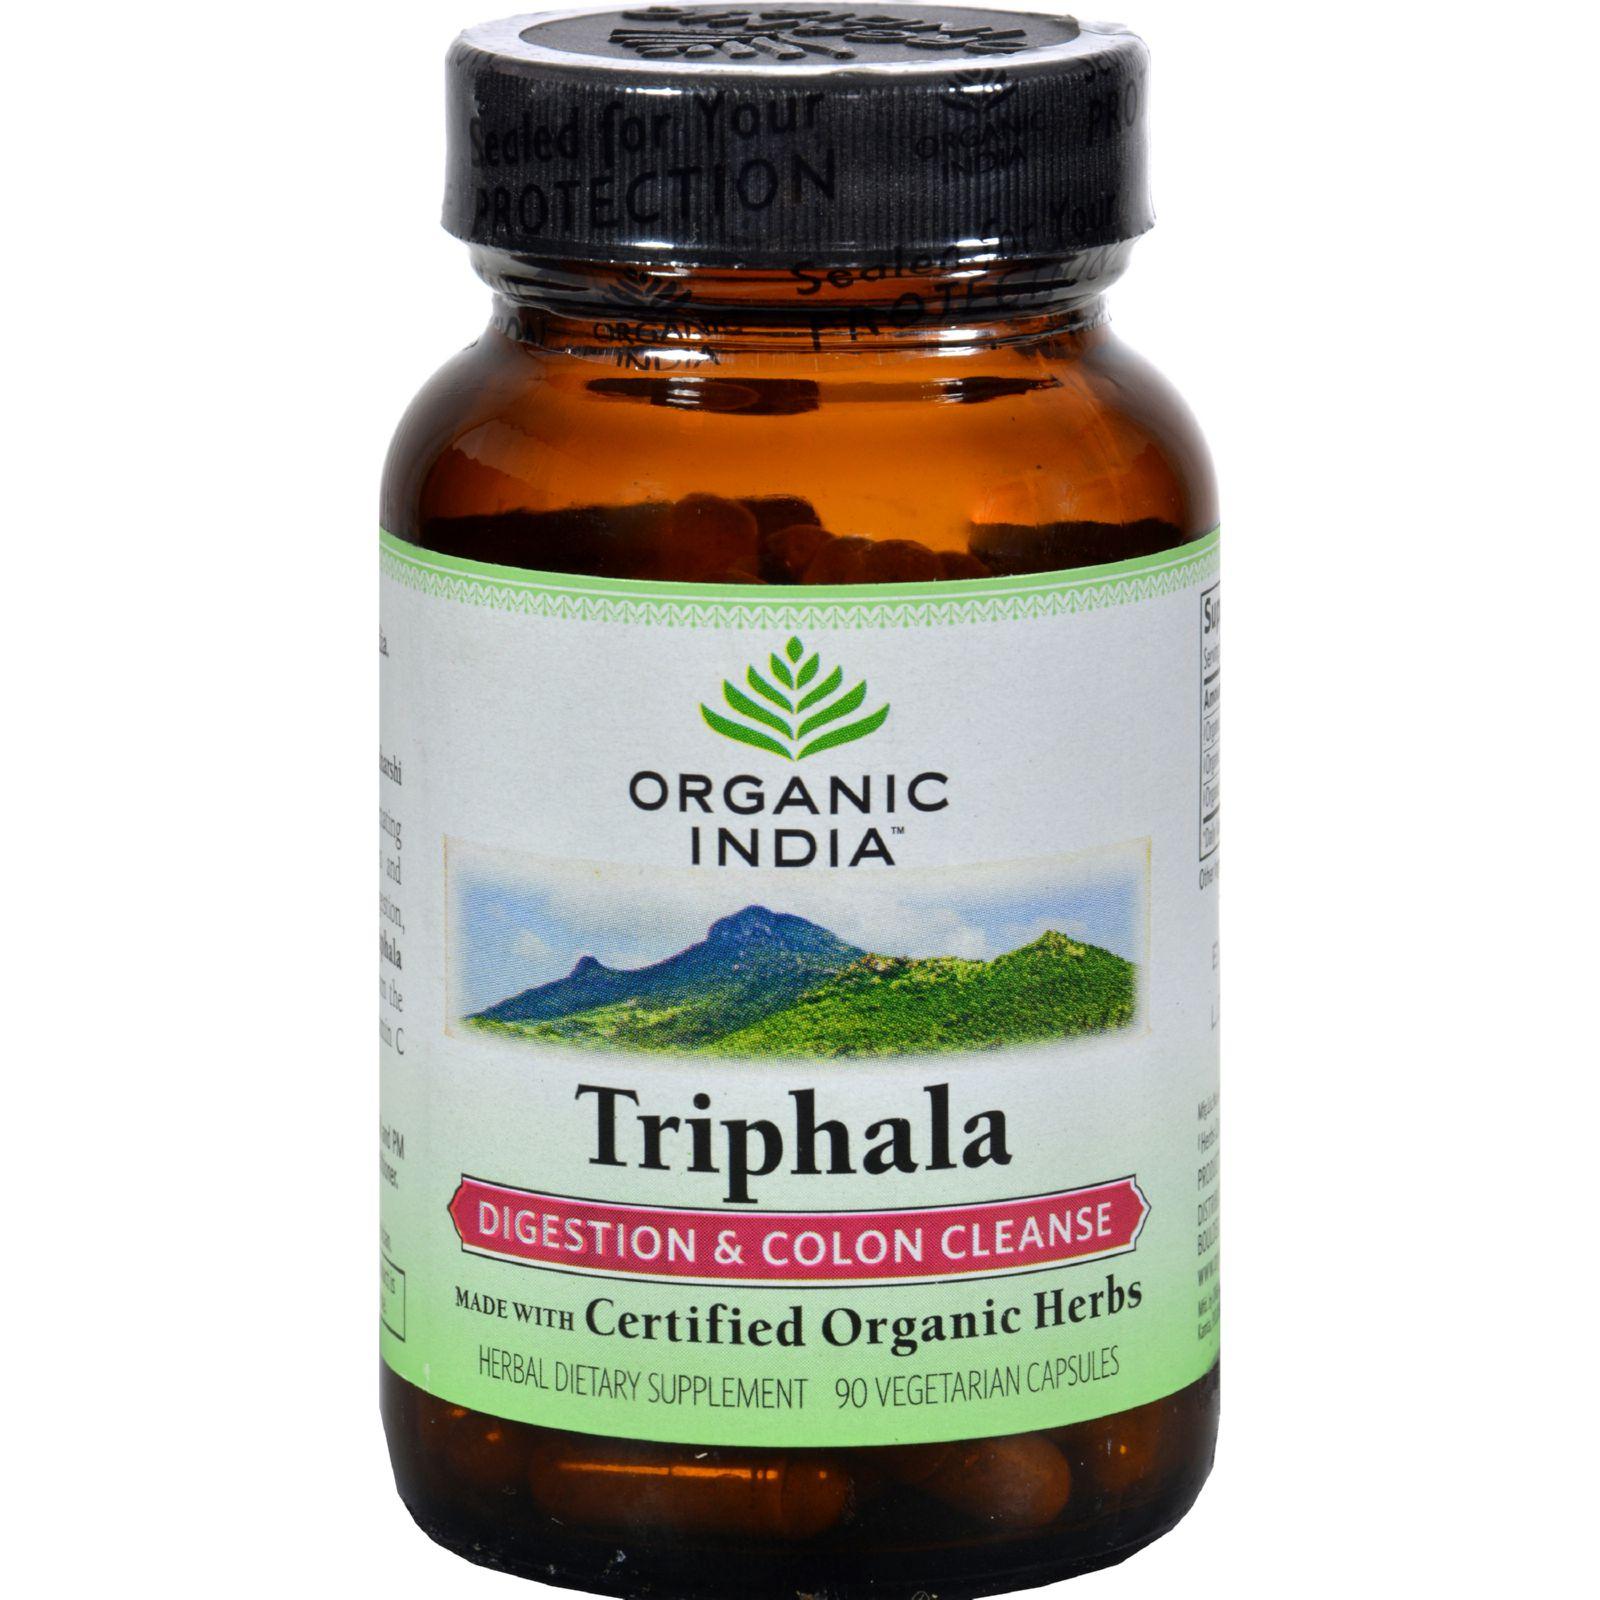 Organic India Triphala - 90 Vegetarian Capsules